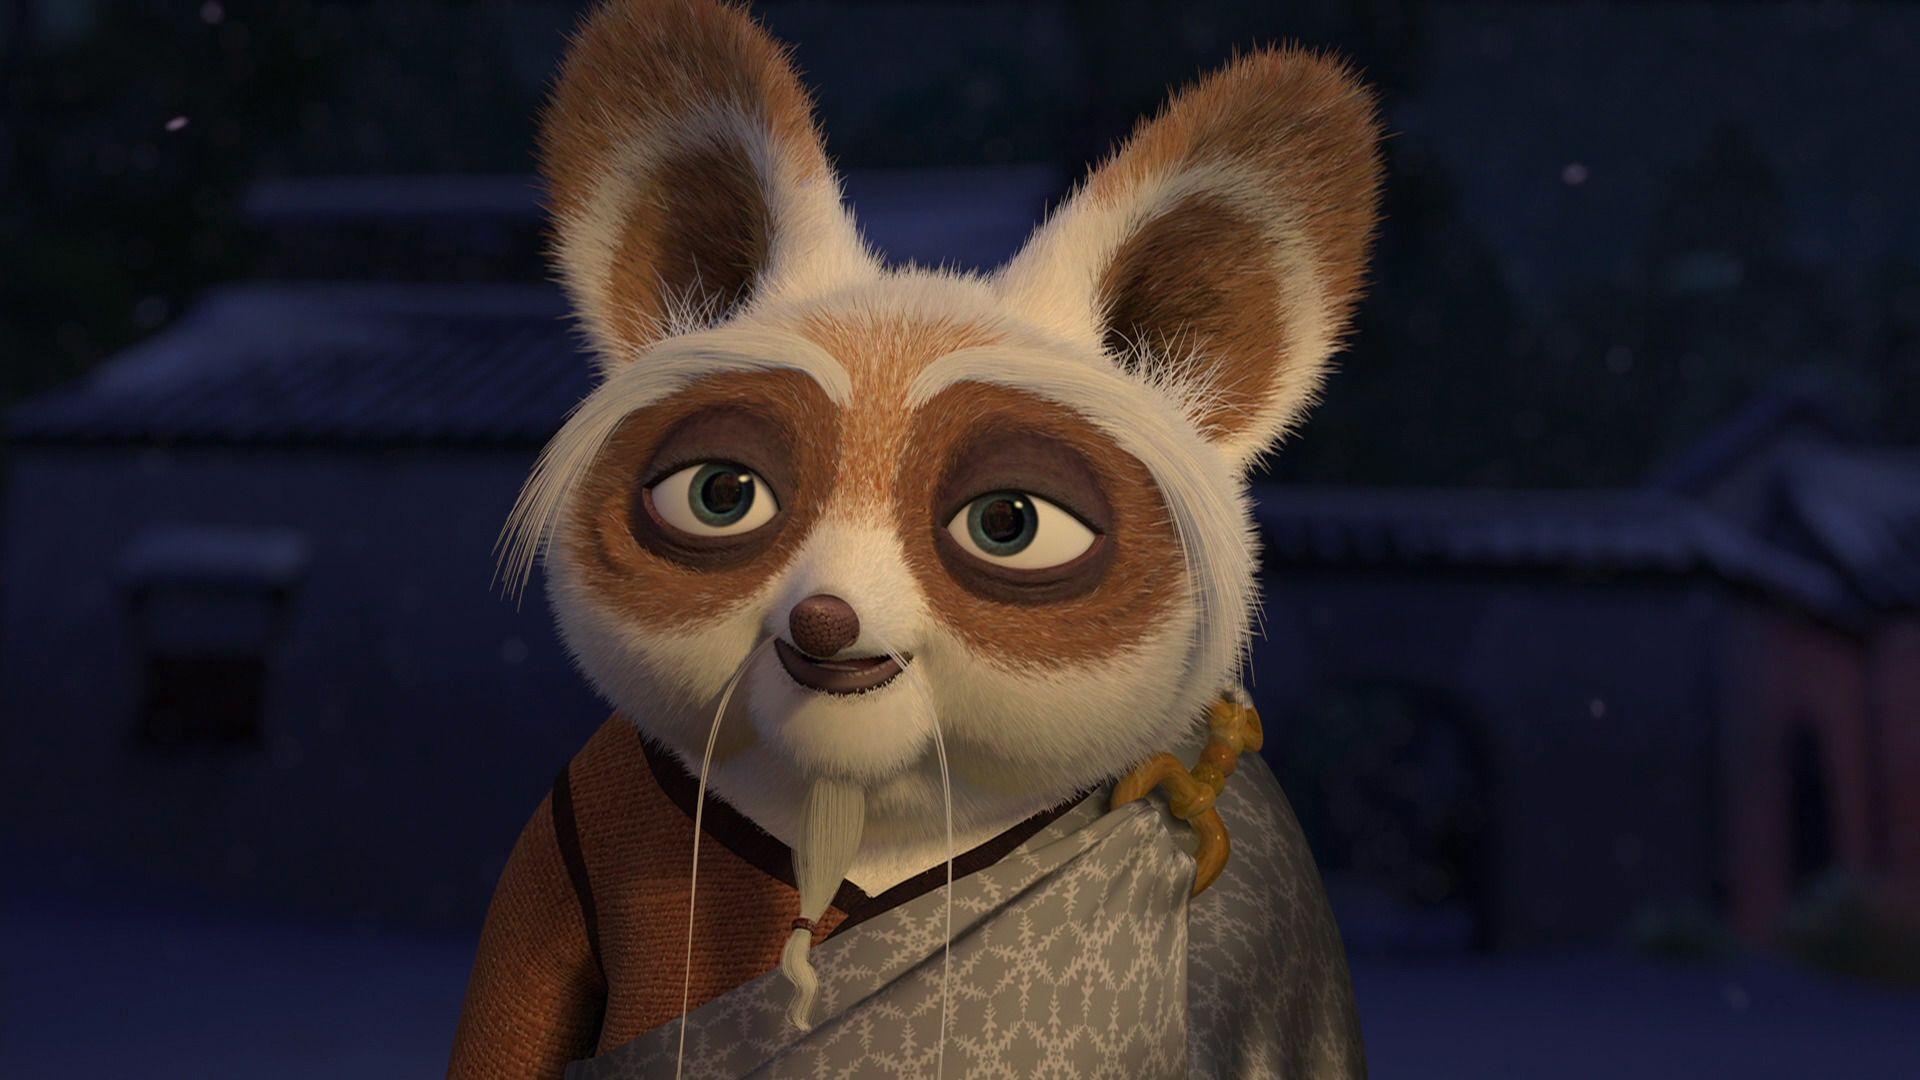 Imagen relacionada Кунгфу панда, Кунгфу, Панда